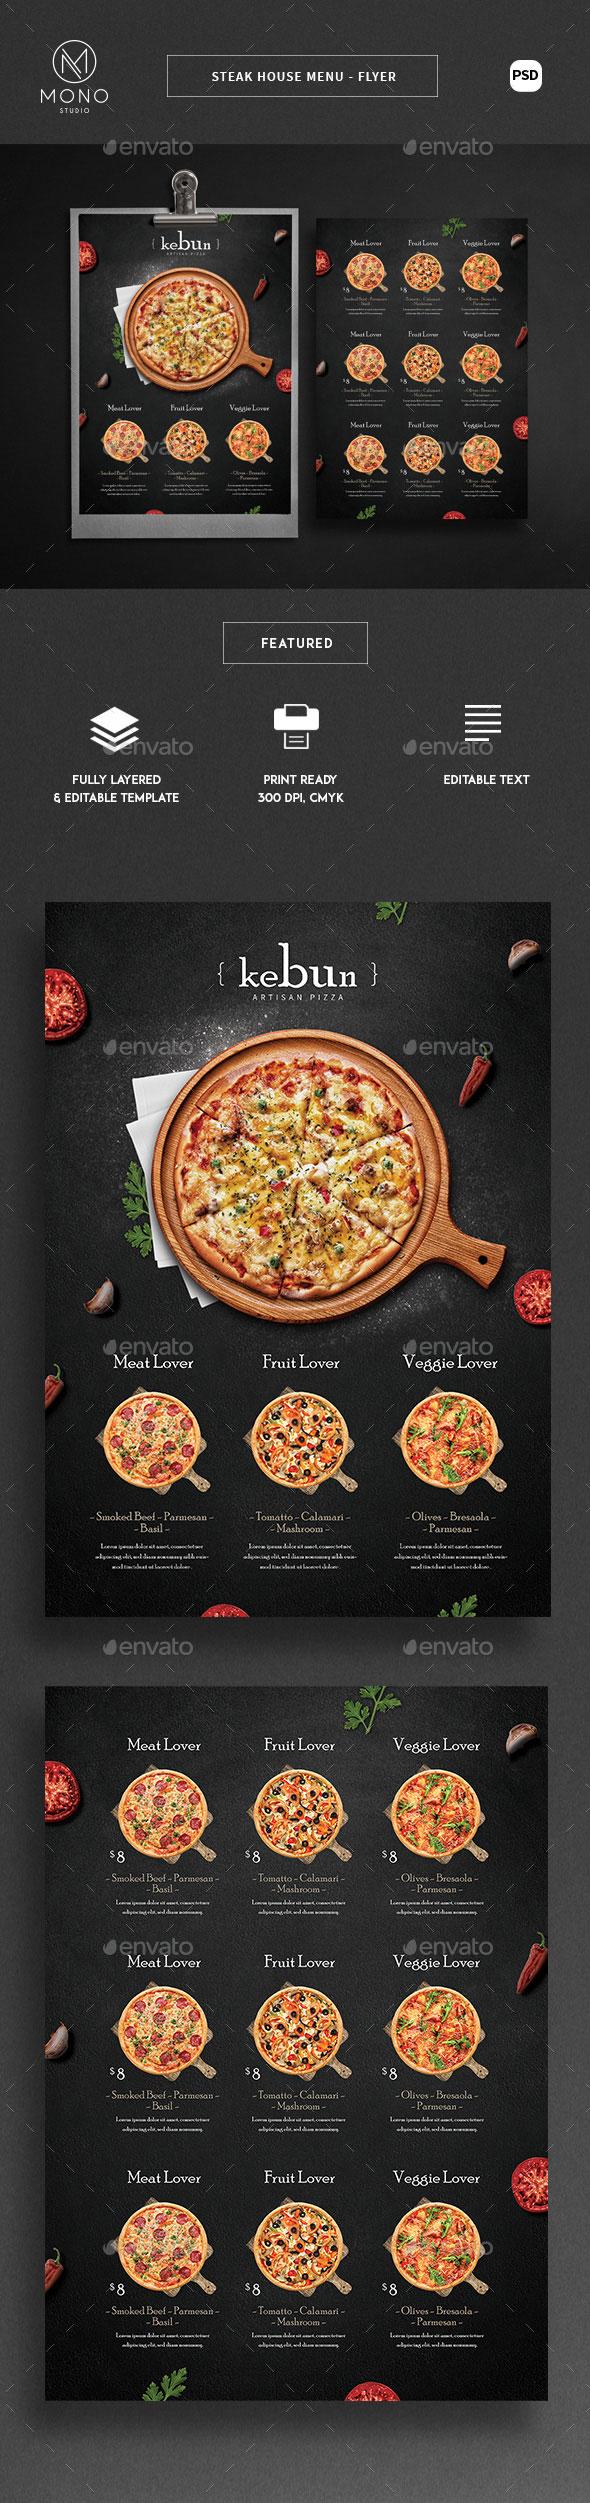 披萨菜单设计模板